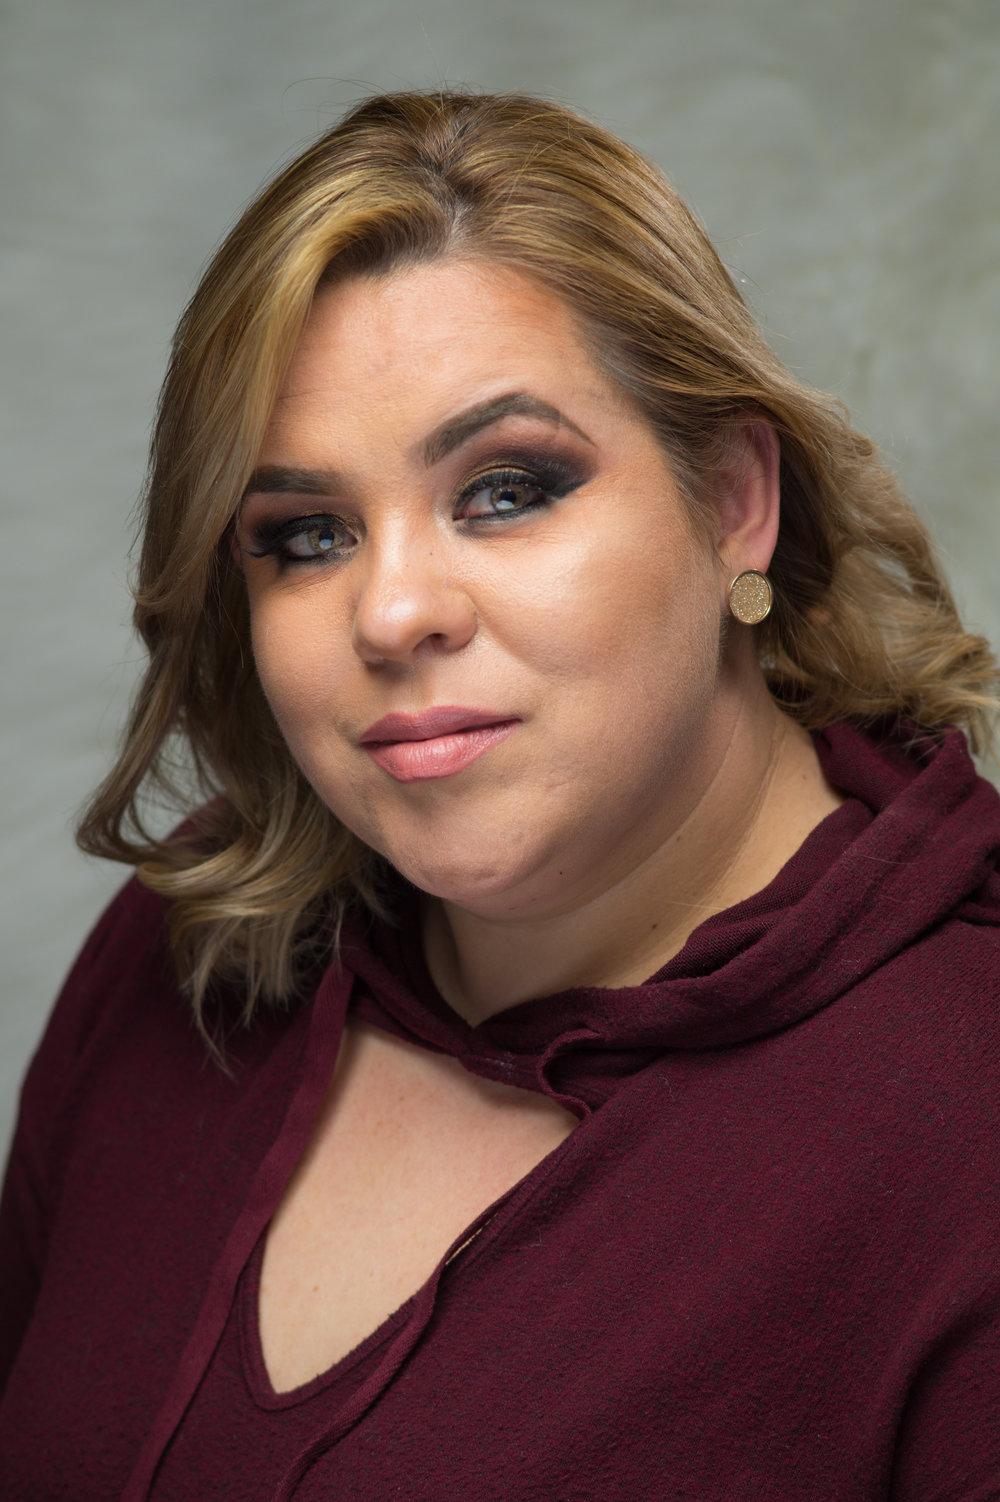 Angelica Makeup Artist